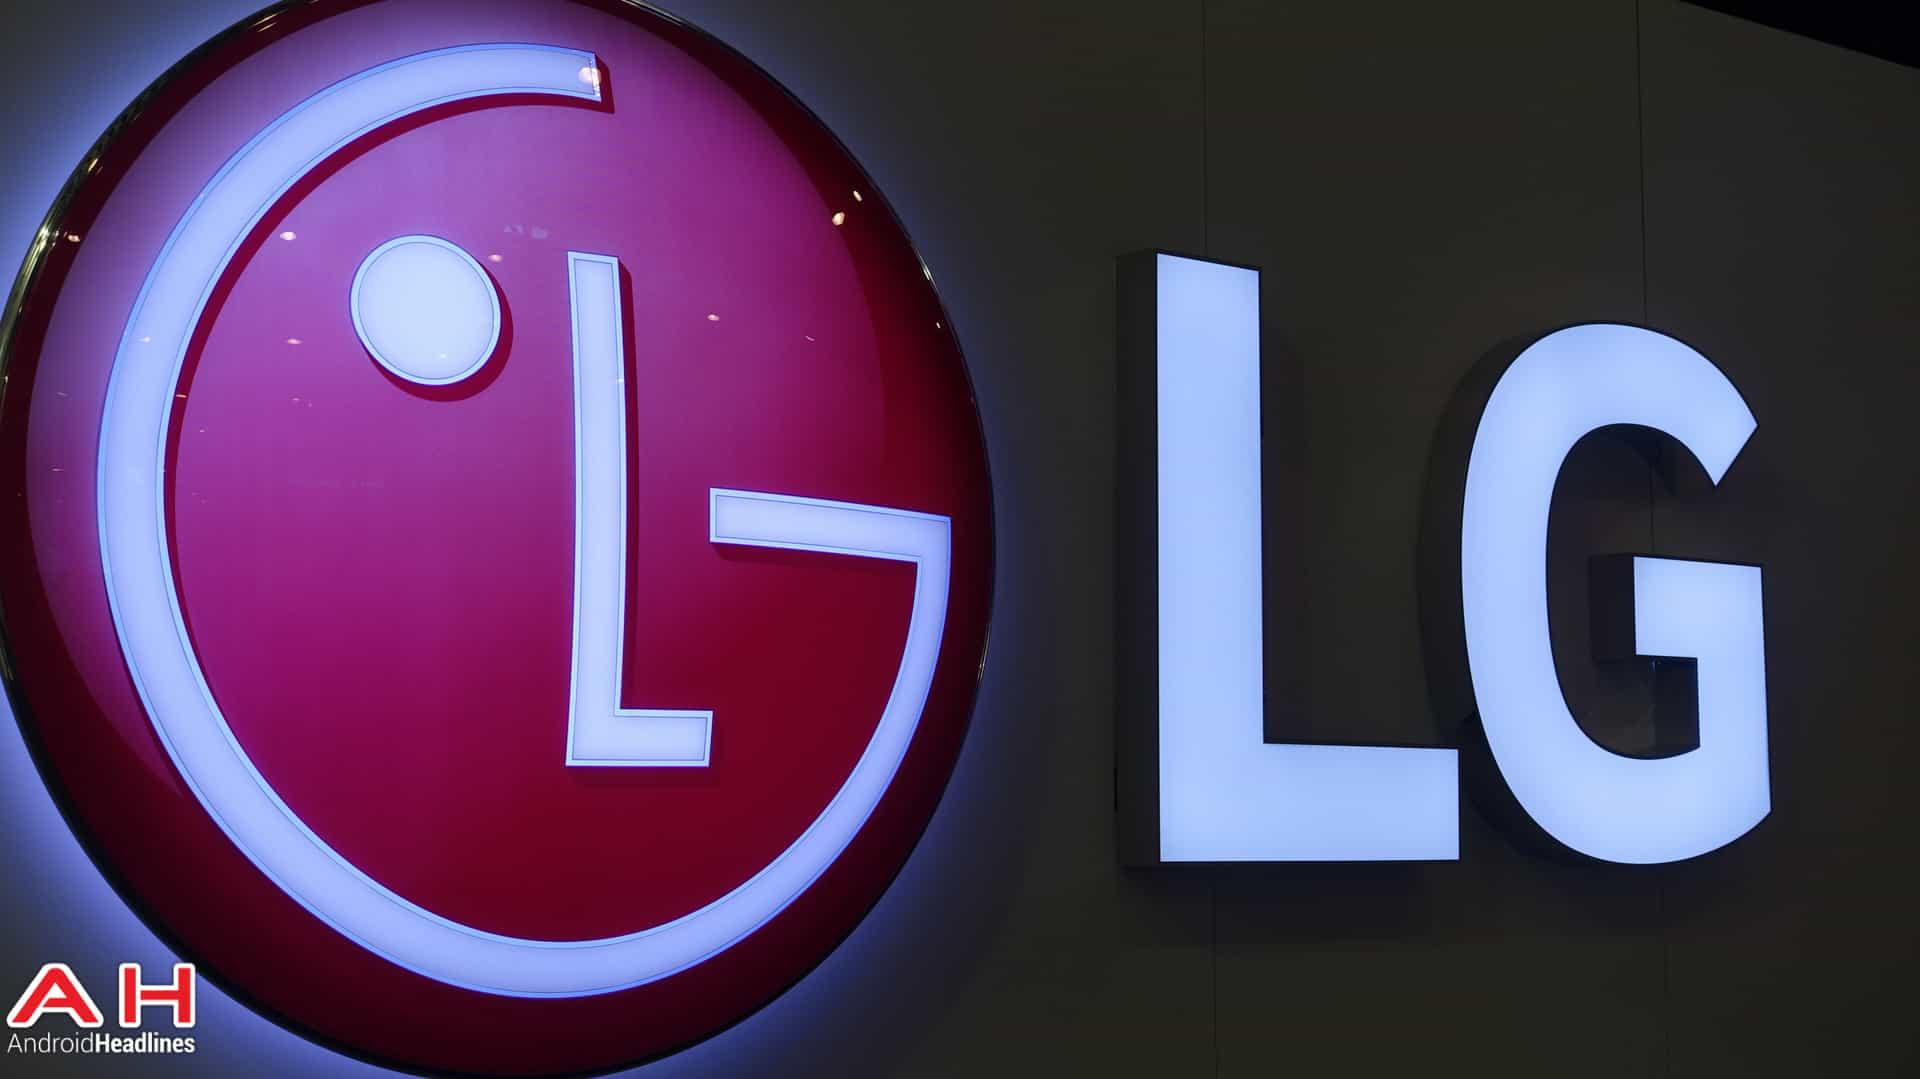 LG-Logo-AH4